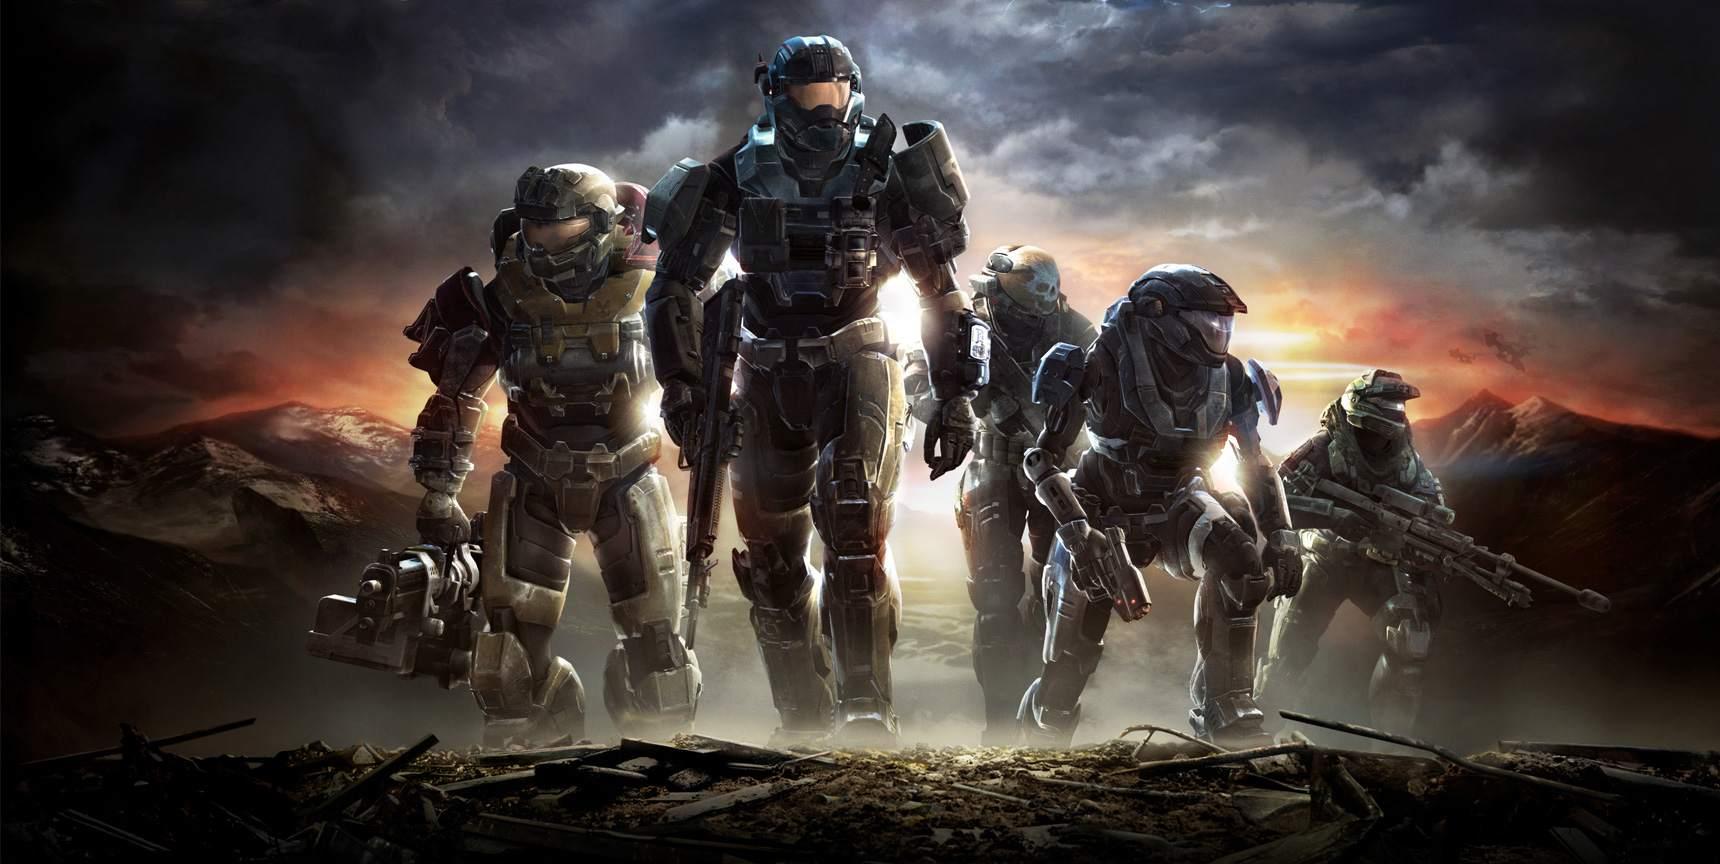 تاریخ آغاز مرحلهی دوم بتای Halo: The Master Chief Collection مشخص گشت